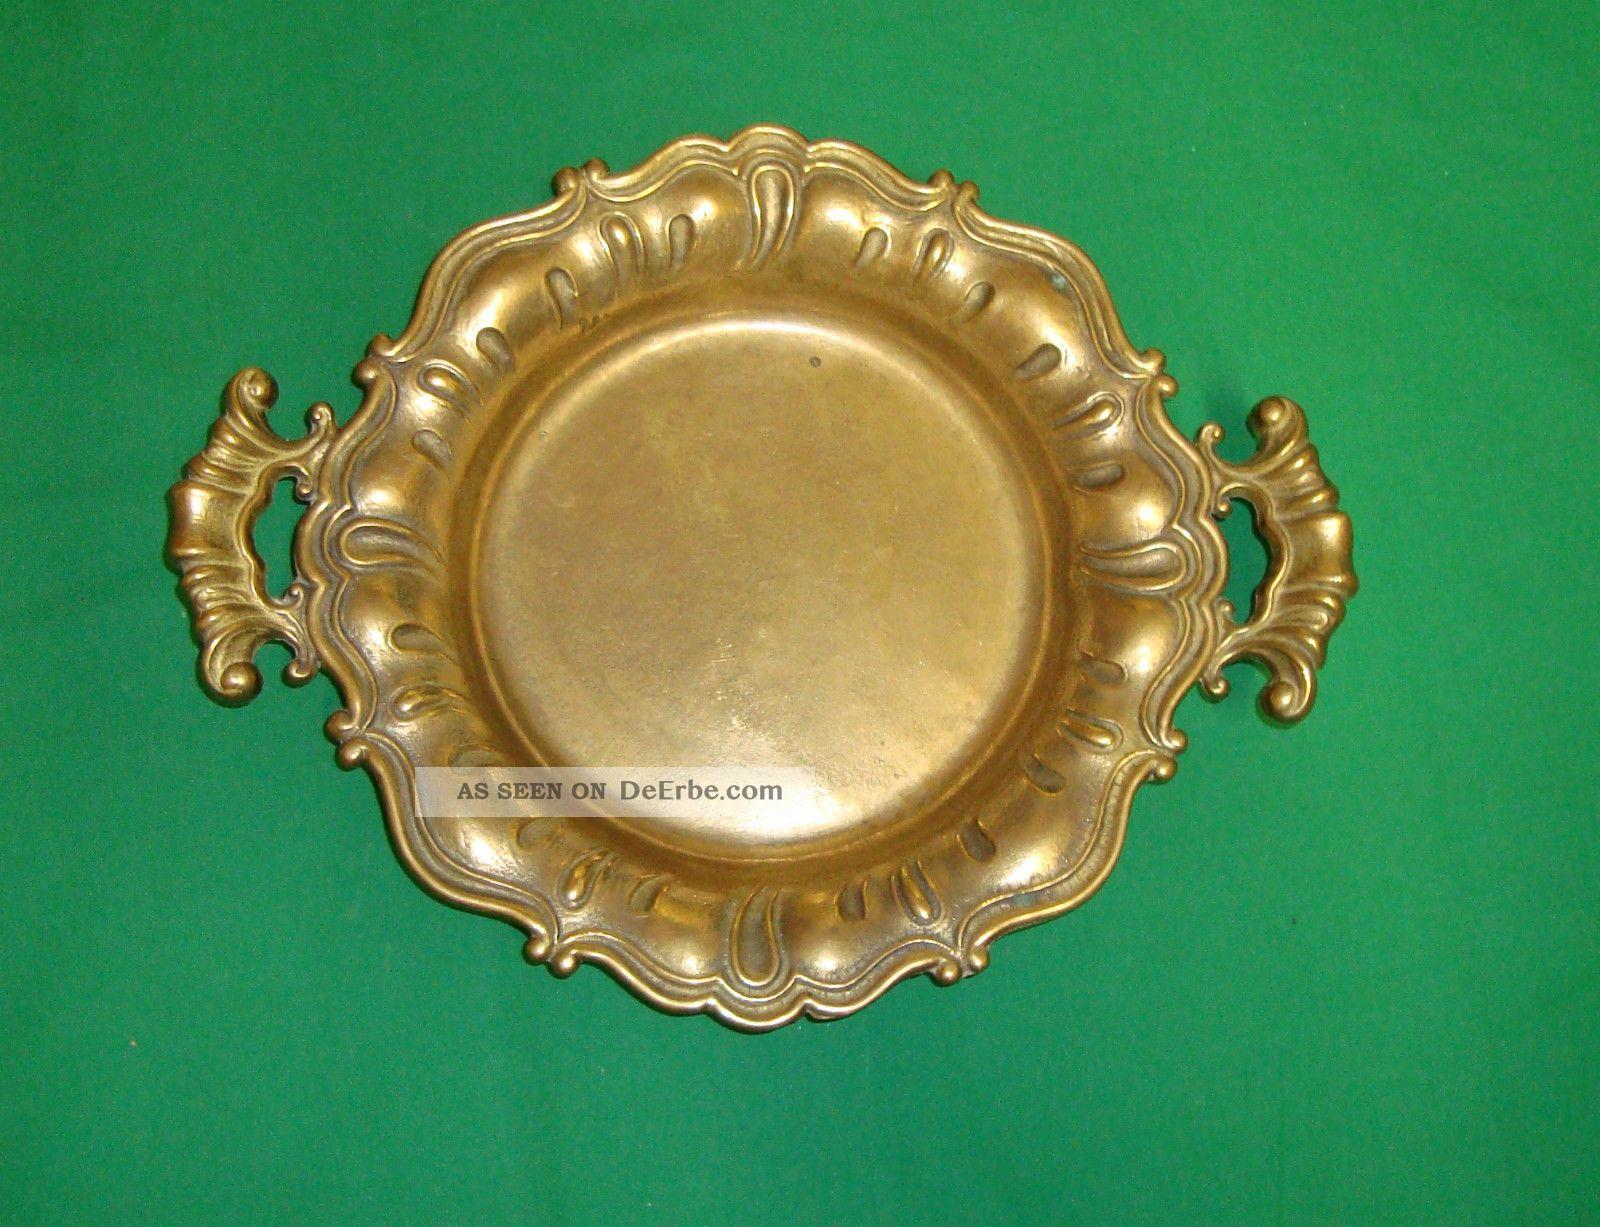 Messingschale 28cm Durchmesser Aus Italien Reines Messing Gefertigt nach 1945 Bild